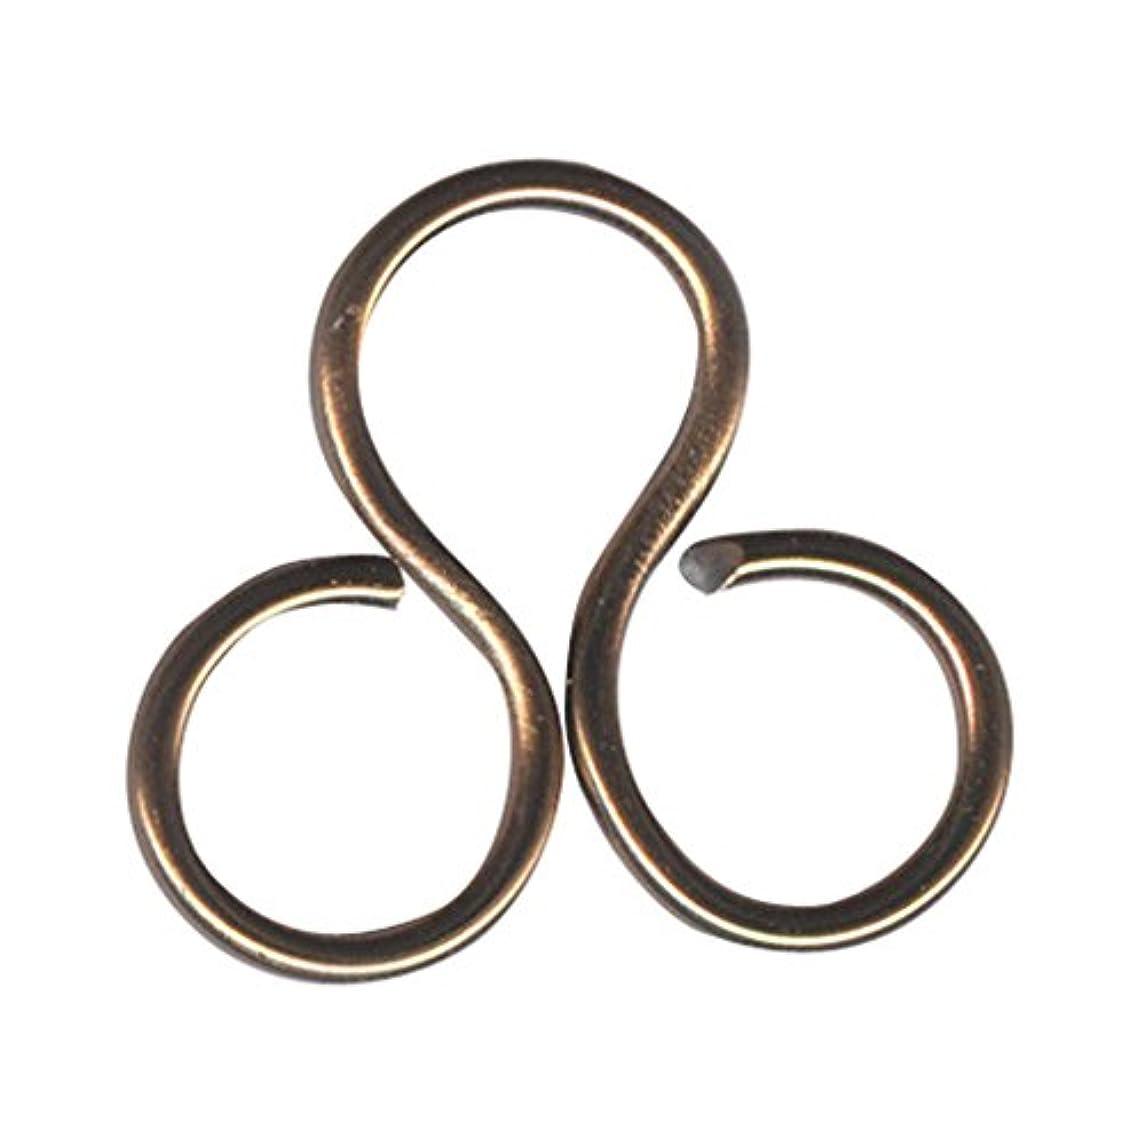 Vaessen Creative Aluminium Wire 2mm 5m Brown,